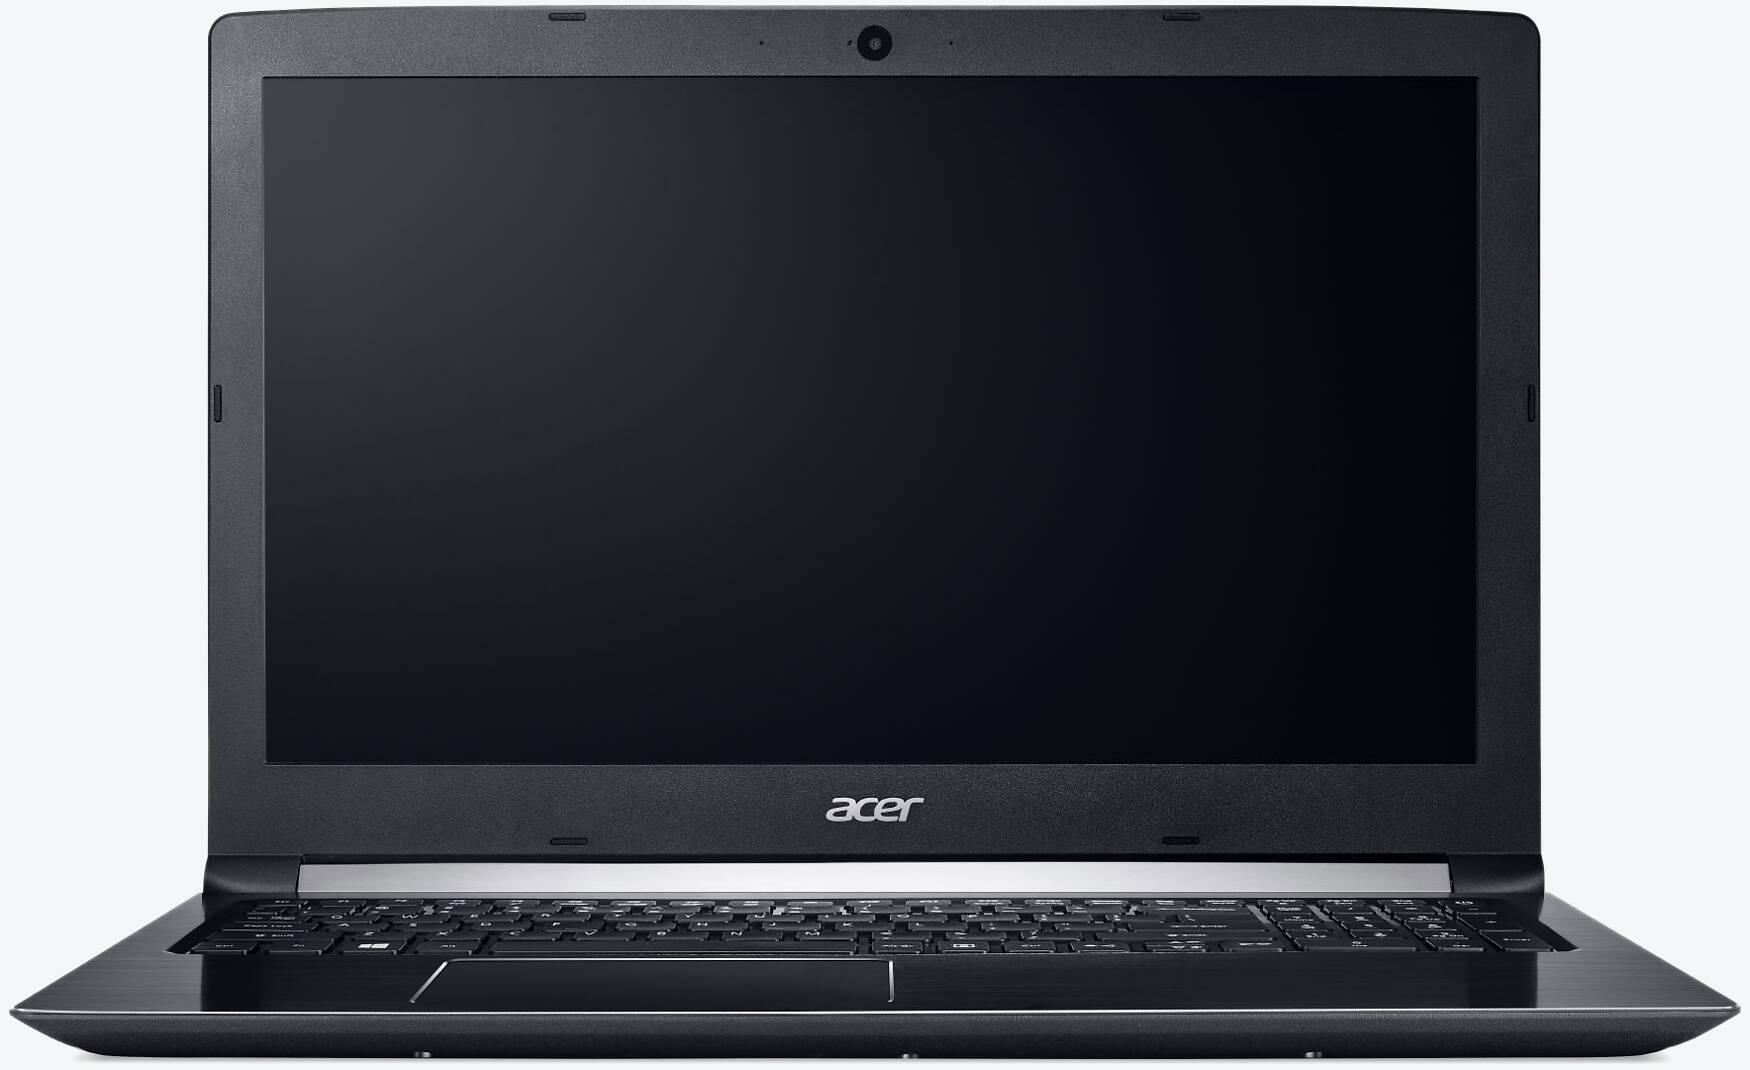 Acer Aspire 5 A517-51G-813C